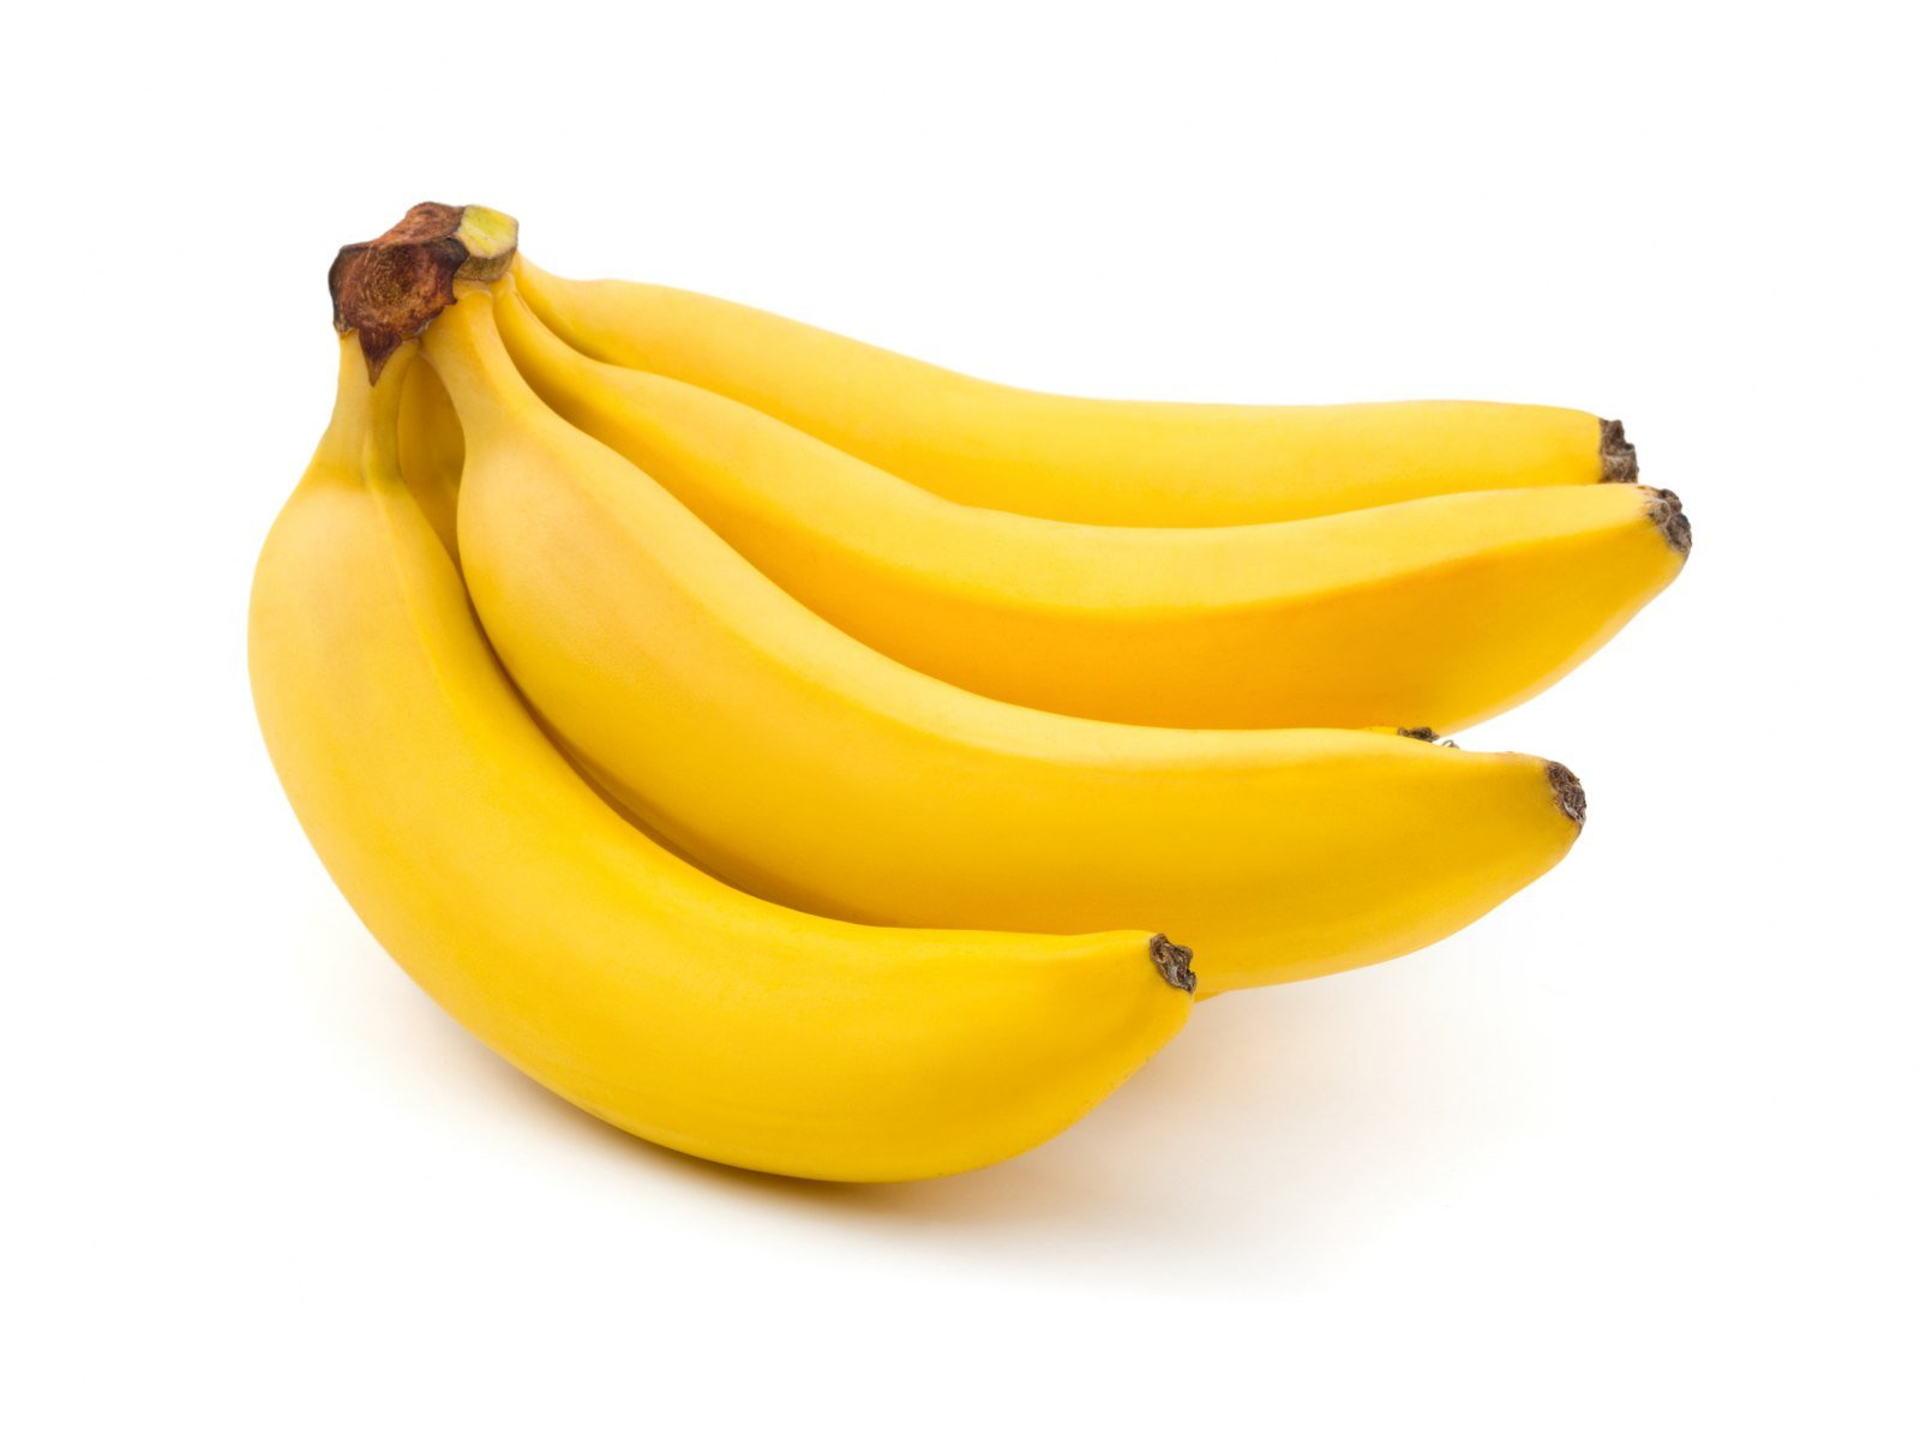 Esta fruta sirve para mejorar las fibras del colágeno